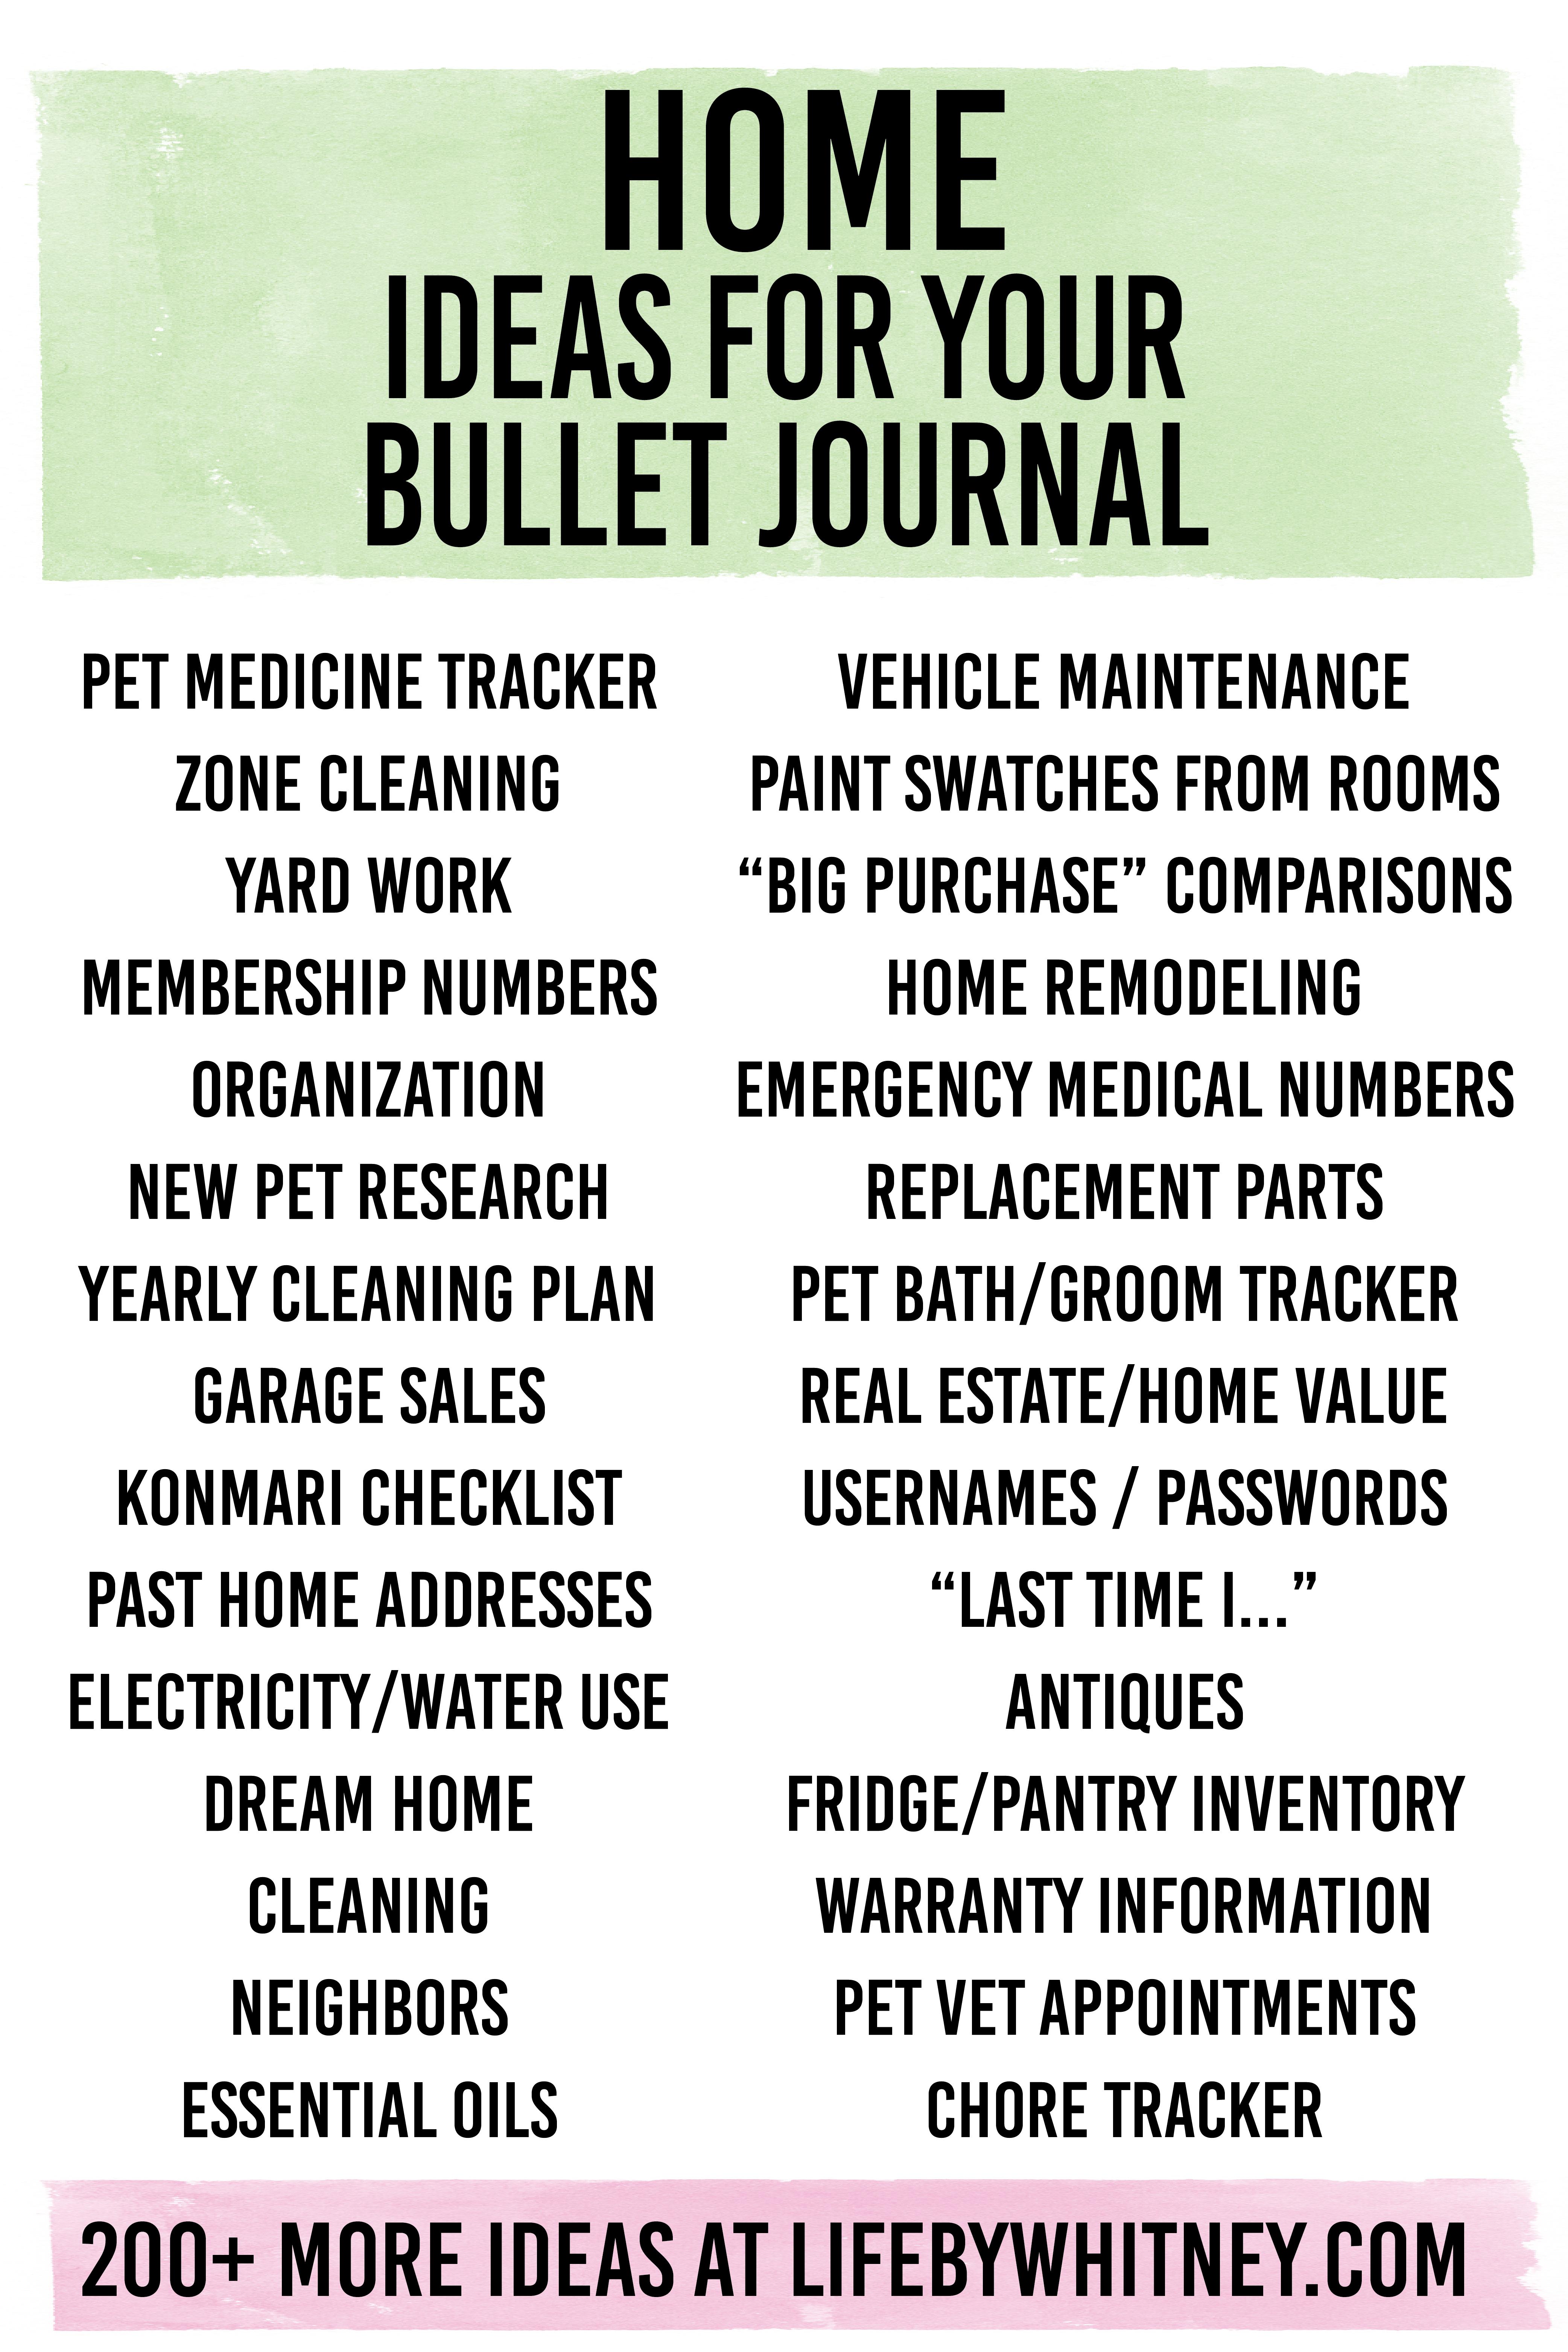 379 Bullet Journal Ideas The Master List Printographic Bullet Journal Lists Bullet Journal Ideas Pages Bullet Journal Notebook